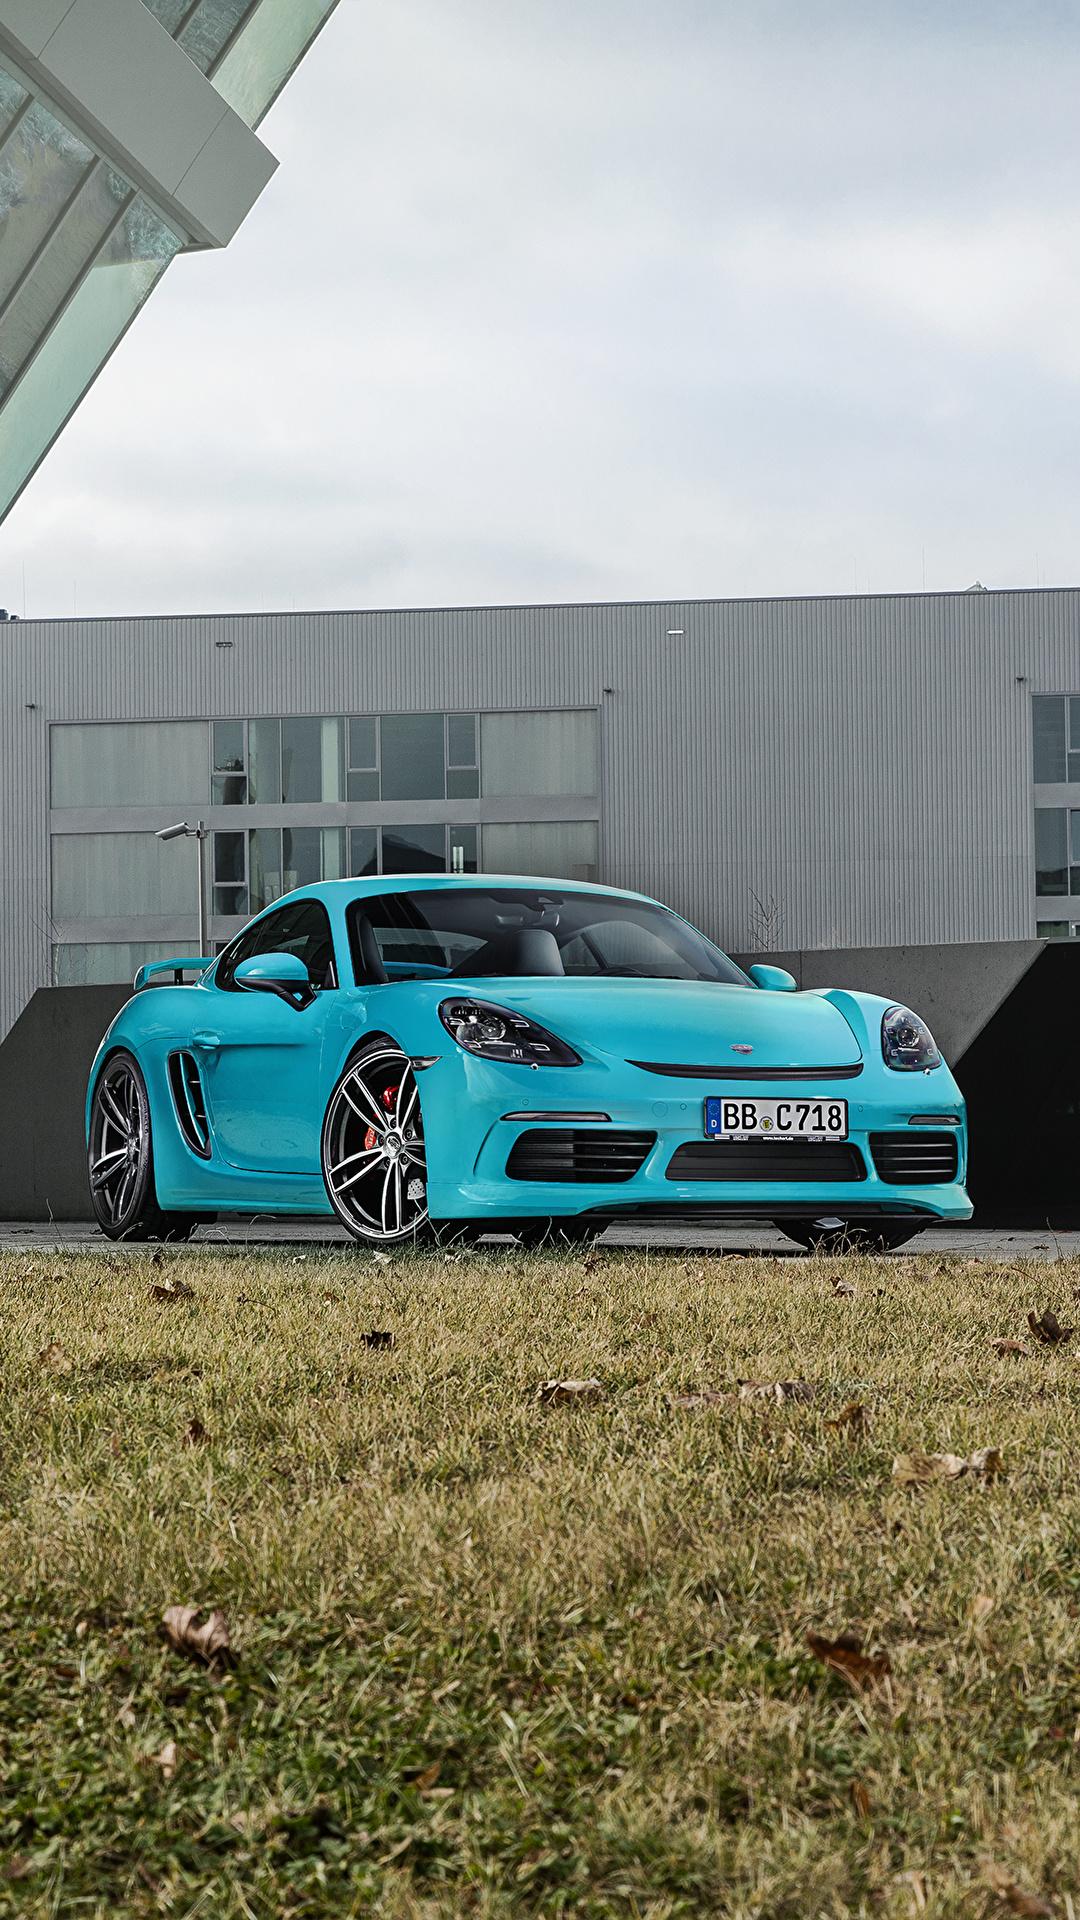 Фотография Порше 2016-17 TechArt Porsche 718 Cayman (982C) голубая Металлик Автомобили 1080x1920 для мобильного телефона голубых голубые Голубой авто машина машины автомобиль